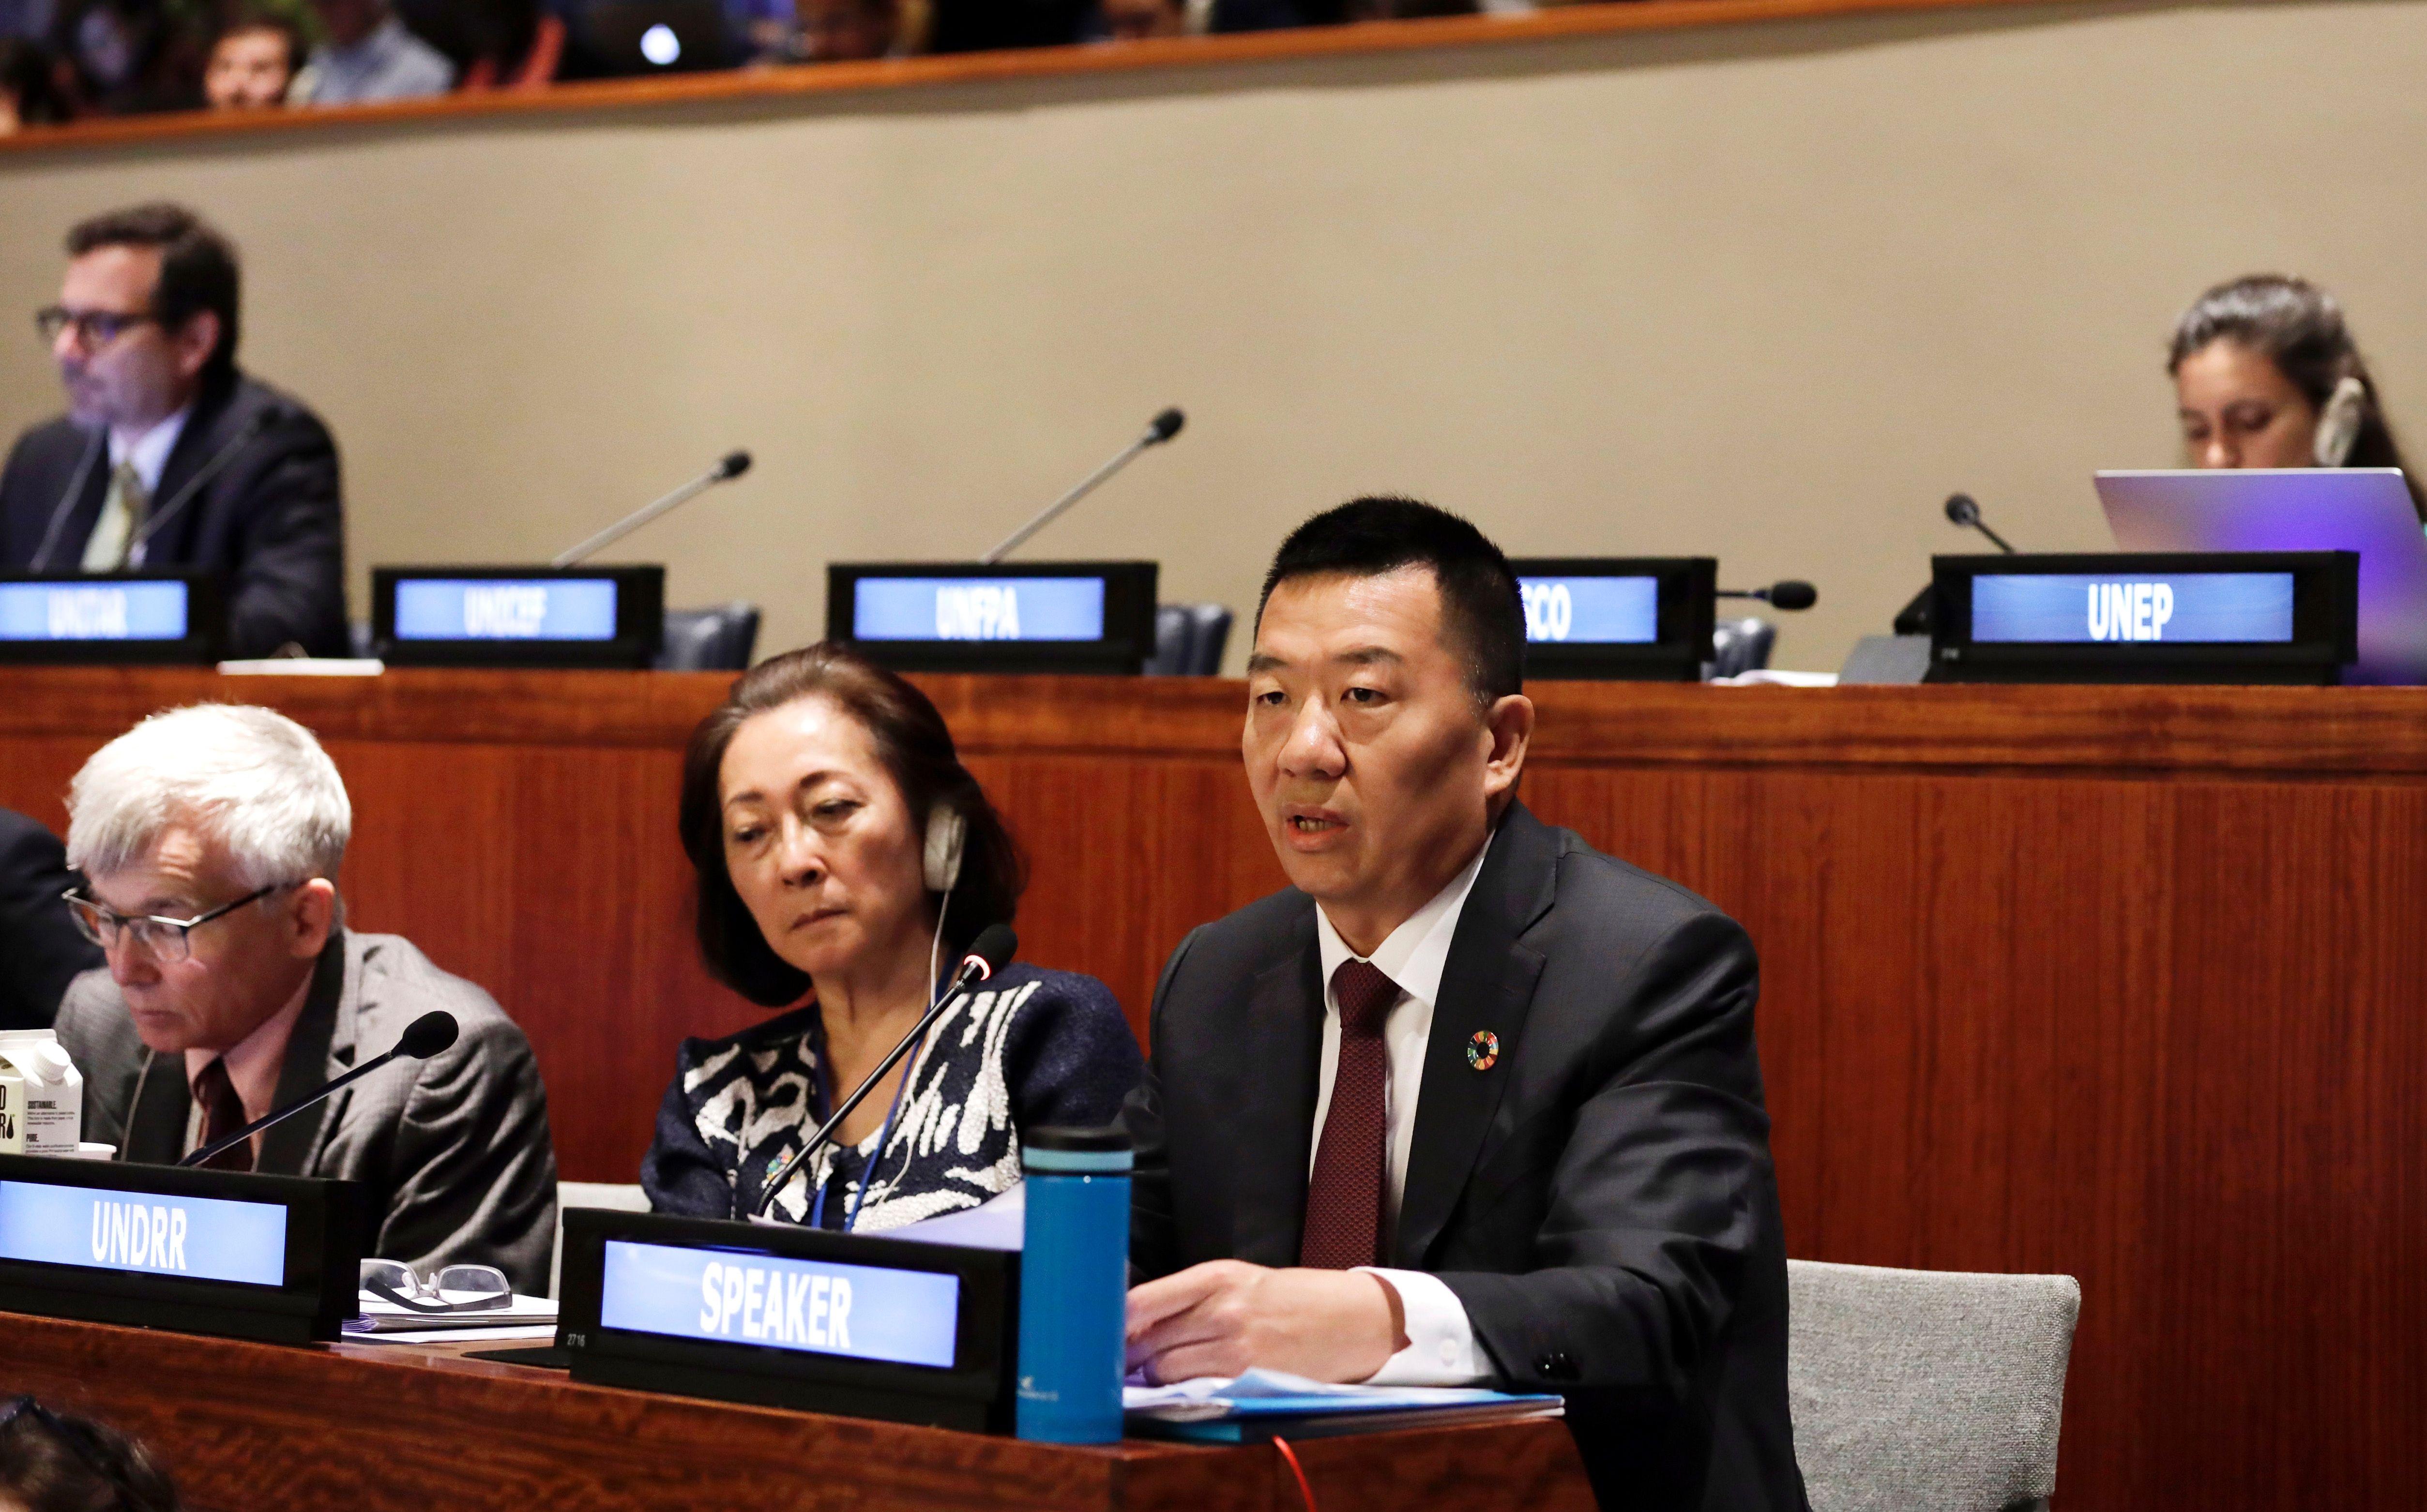 当地时间7月12日,厦航党委书记、董事长赵东在联合国可持续发展高级别政治论坛(HLPF)气候行动会议上发言  摄影/新华社李木子